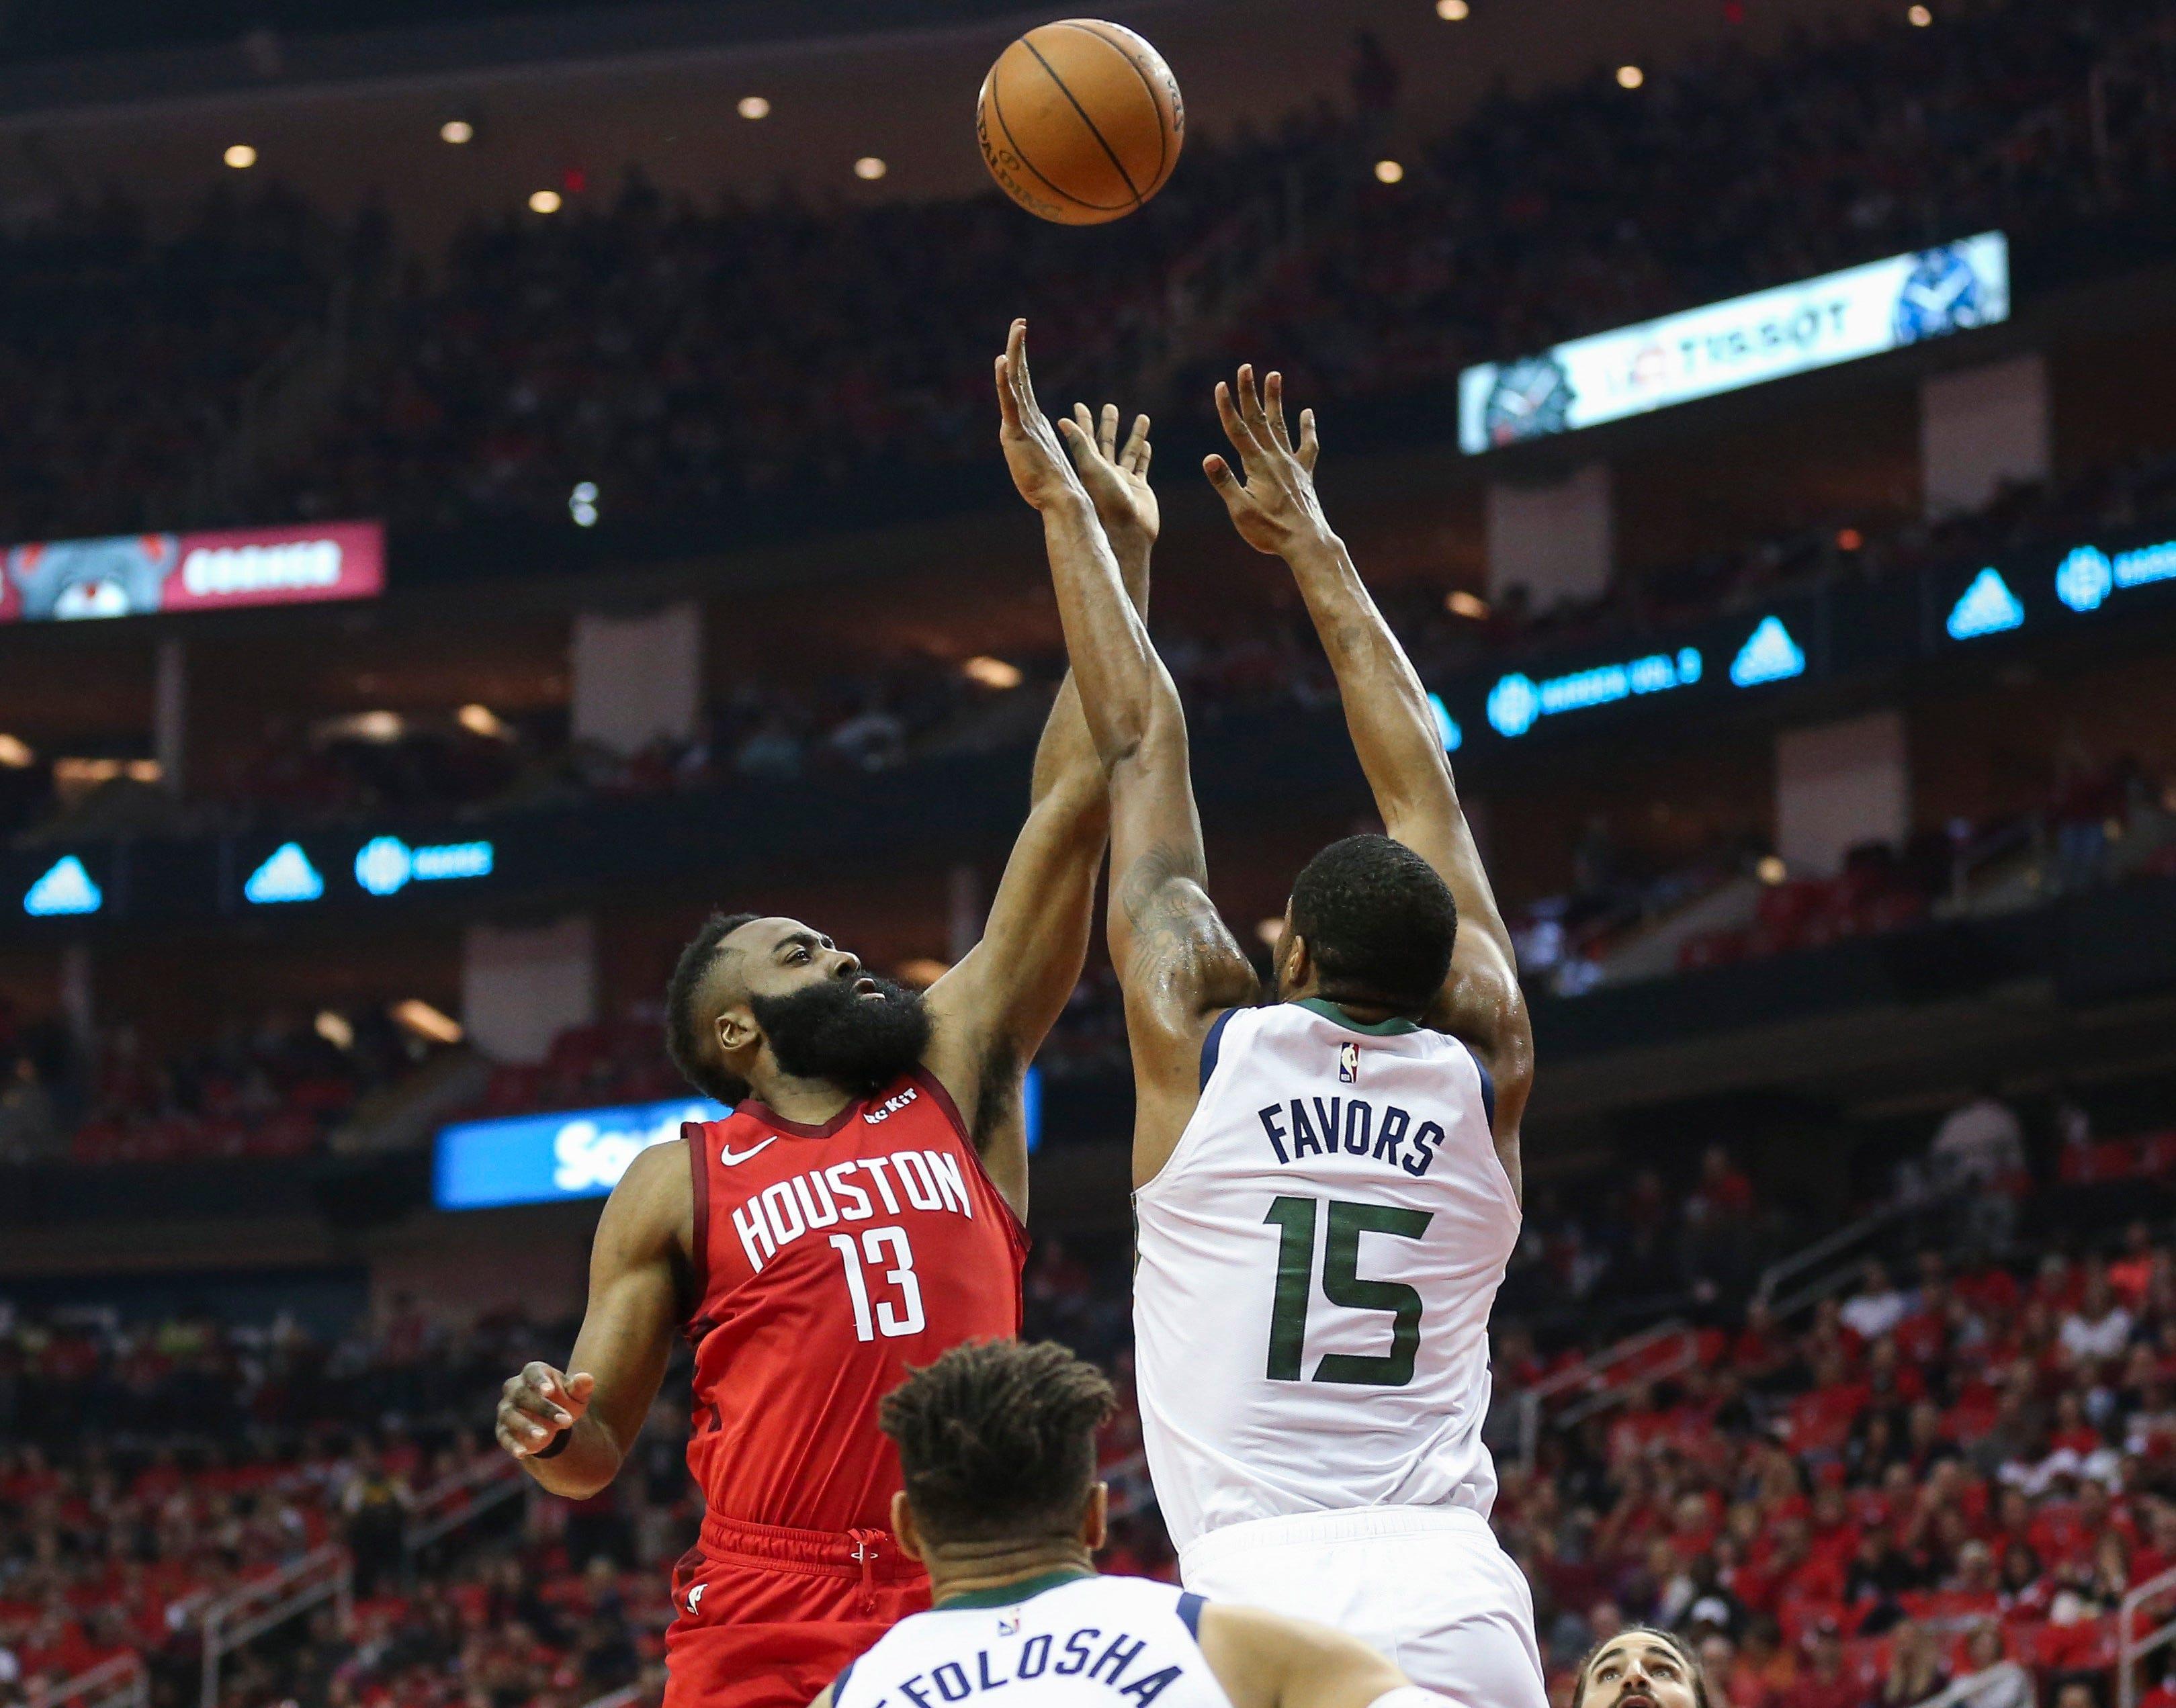 April 14: Rockets guard James Harden puts up a floater over Jazz defender Derrick Favors during Game 1 in Houston.